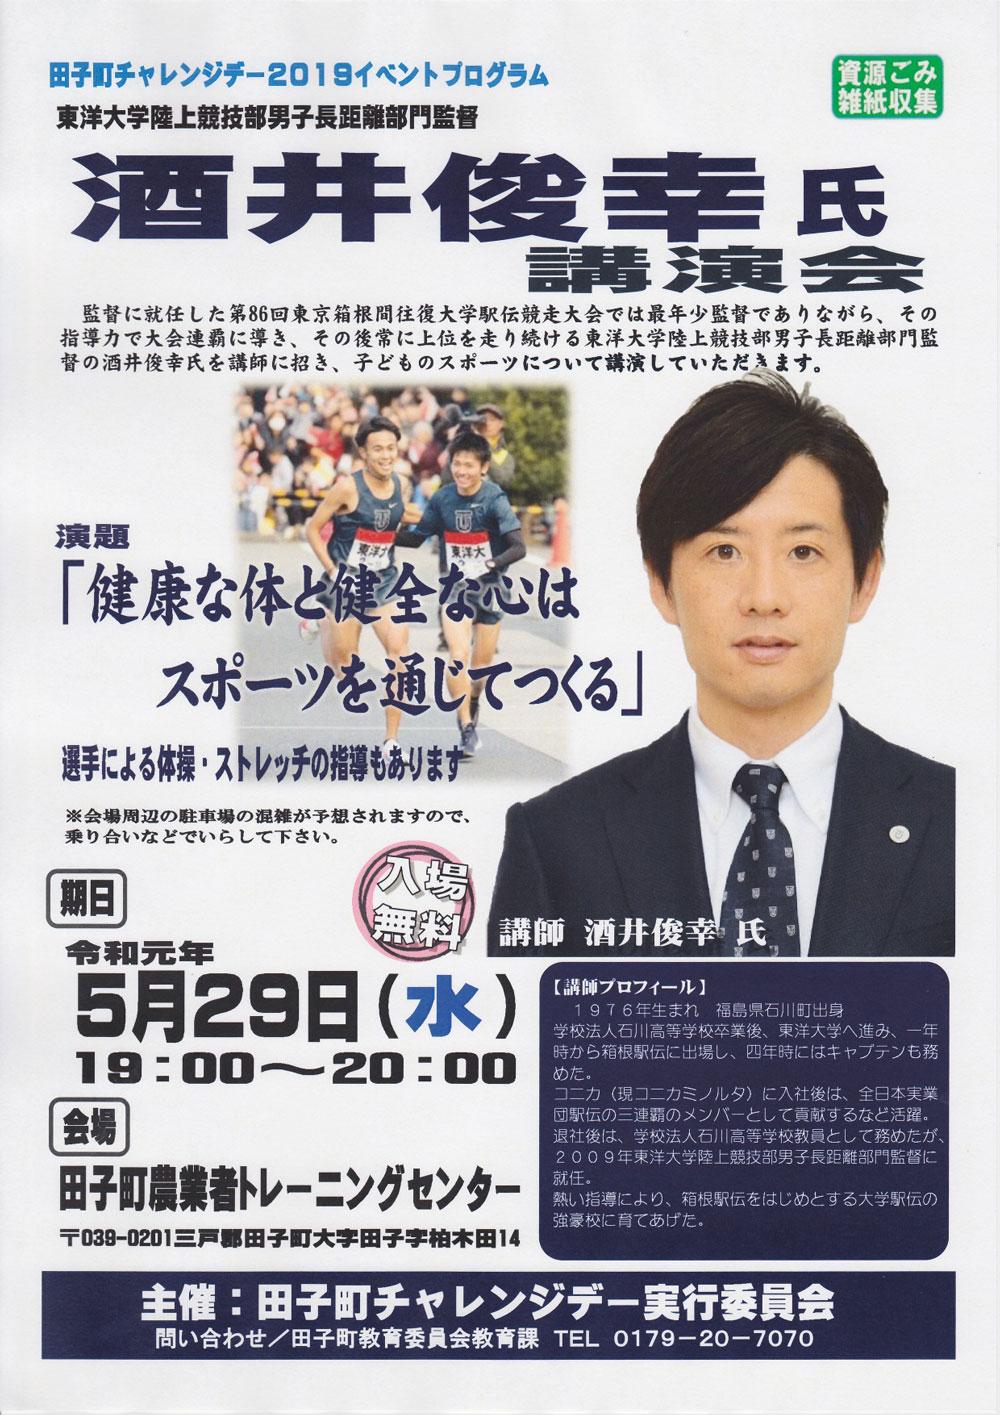 田子町チャレンジデー2019イベントプログラム 酒井俊幸氏講演会